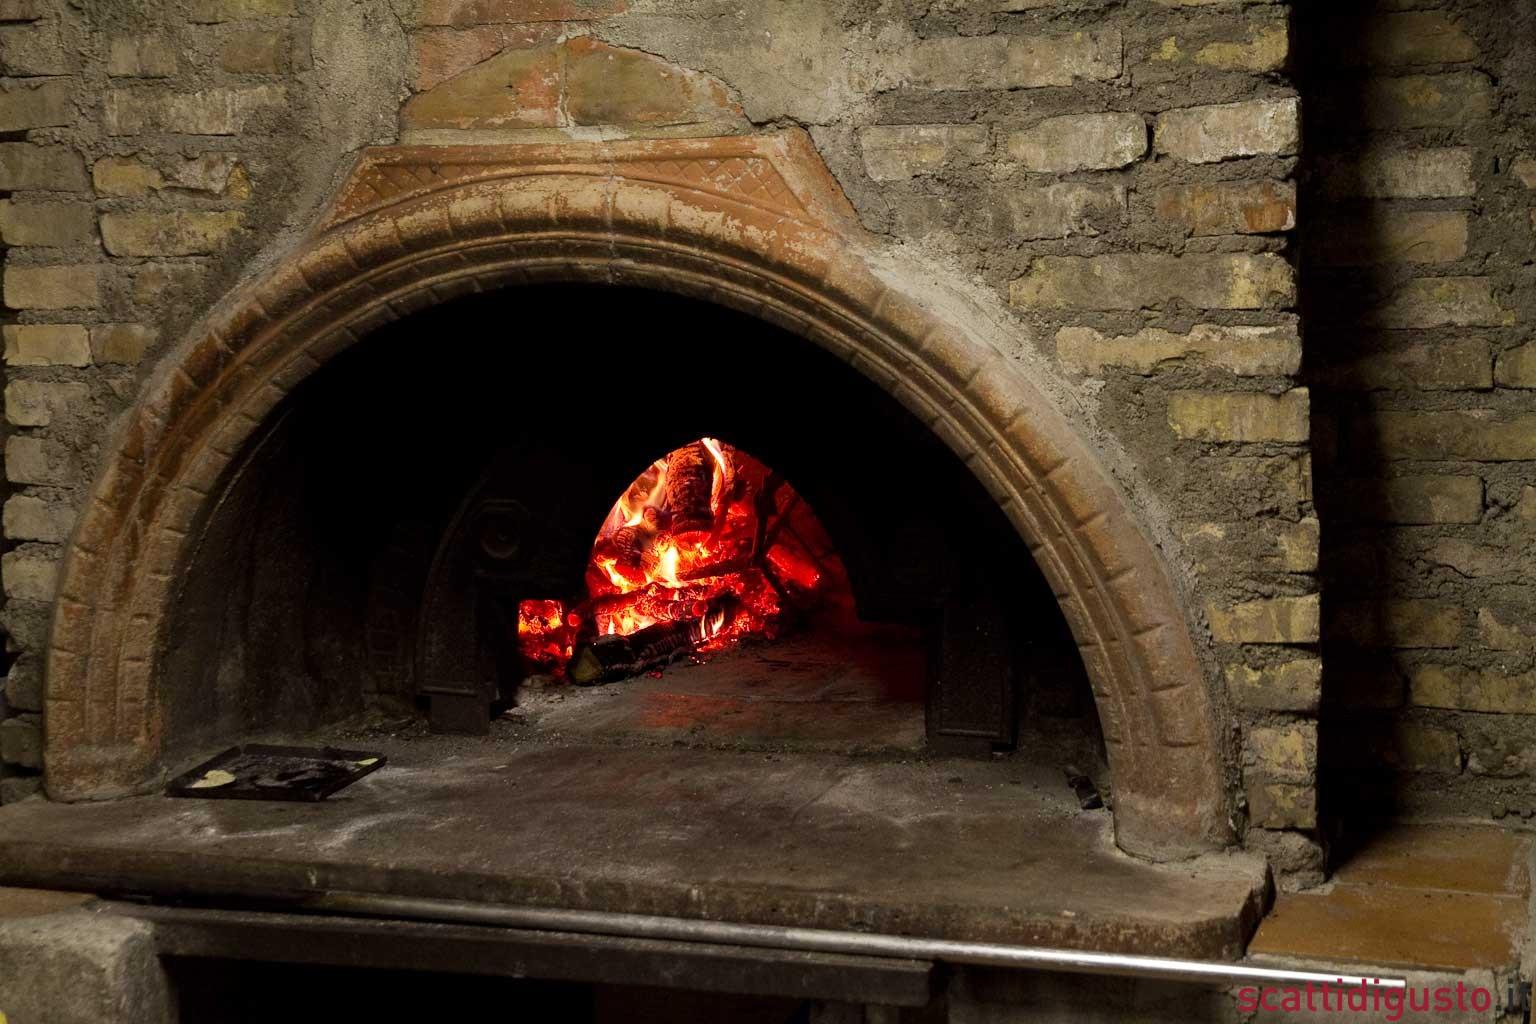 Report. La puntata sulla pizza non è un attacco (solo) a Napoli